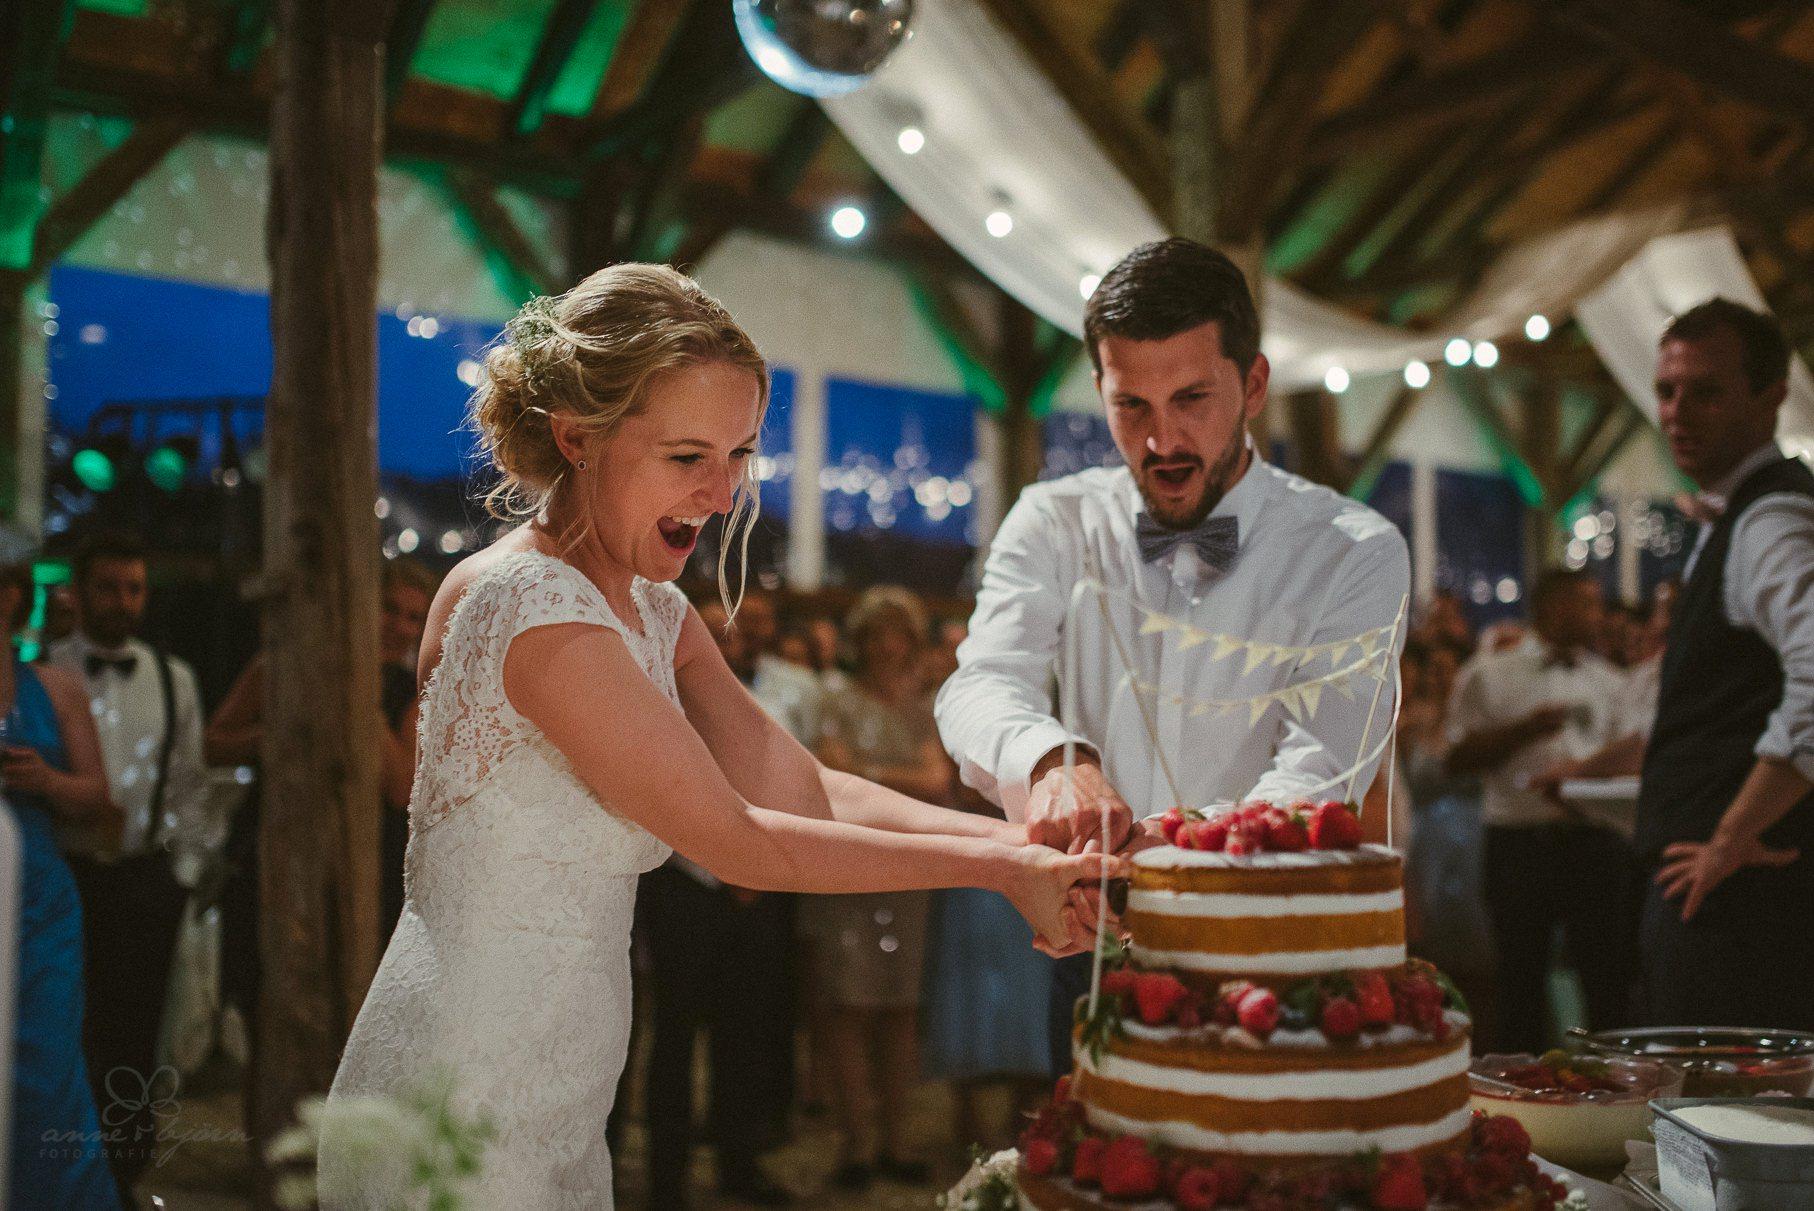 0132 anne und bjoern hochzeit schweiz d75 2320 - DIY Hochzeit in der Schweiz - Sabrina & Christoph